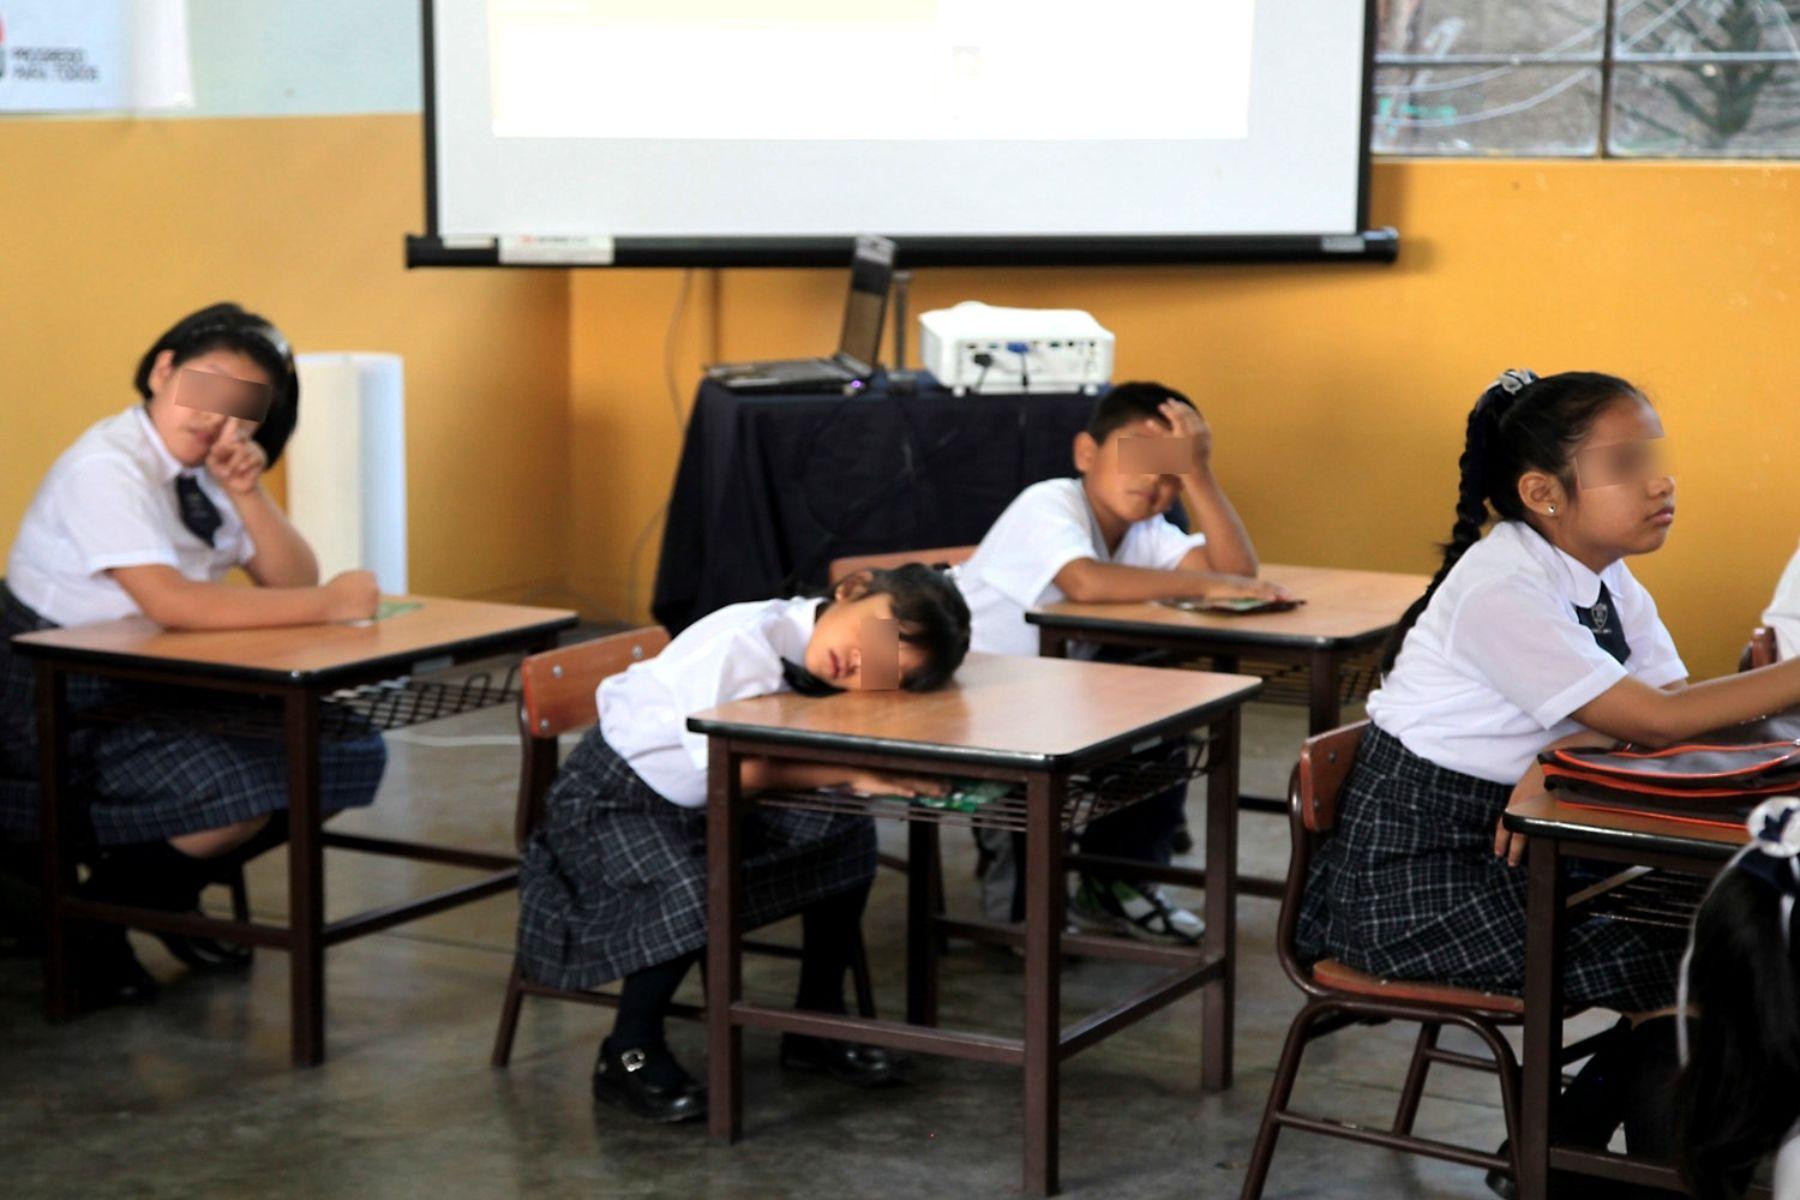 Anemia afecta aprendizaje escolar, advierten especialistas del INS. Foto: ANDINA/Difusión